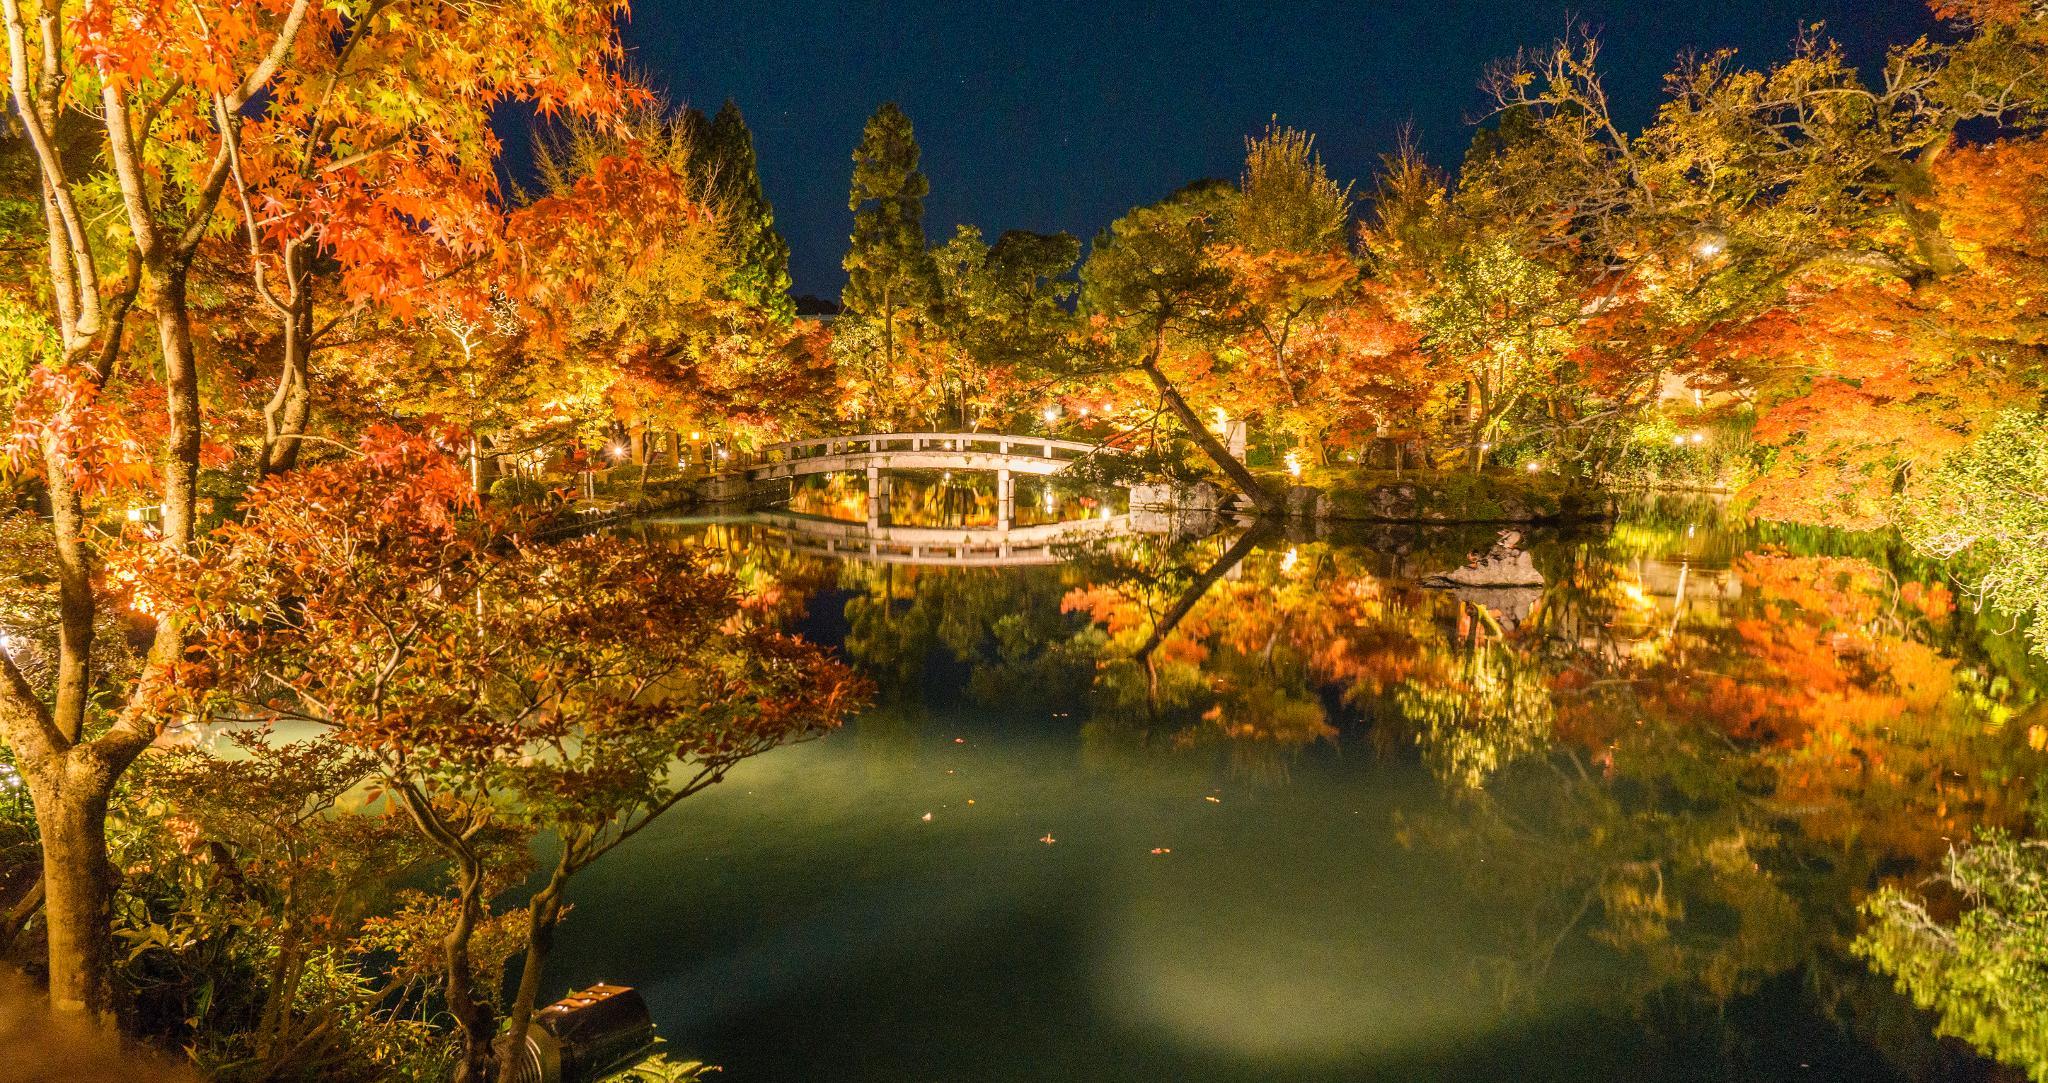 【京都】此生必來的紅葉狩絕景 - 永觀堂夜楓 119